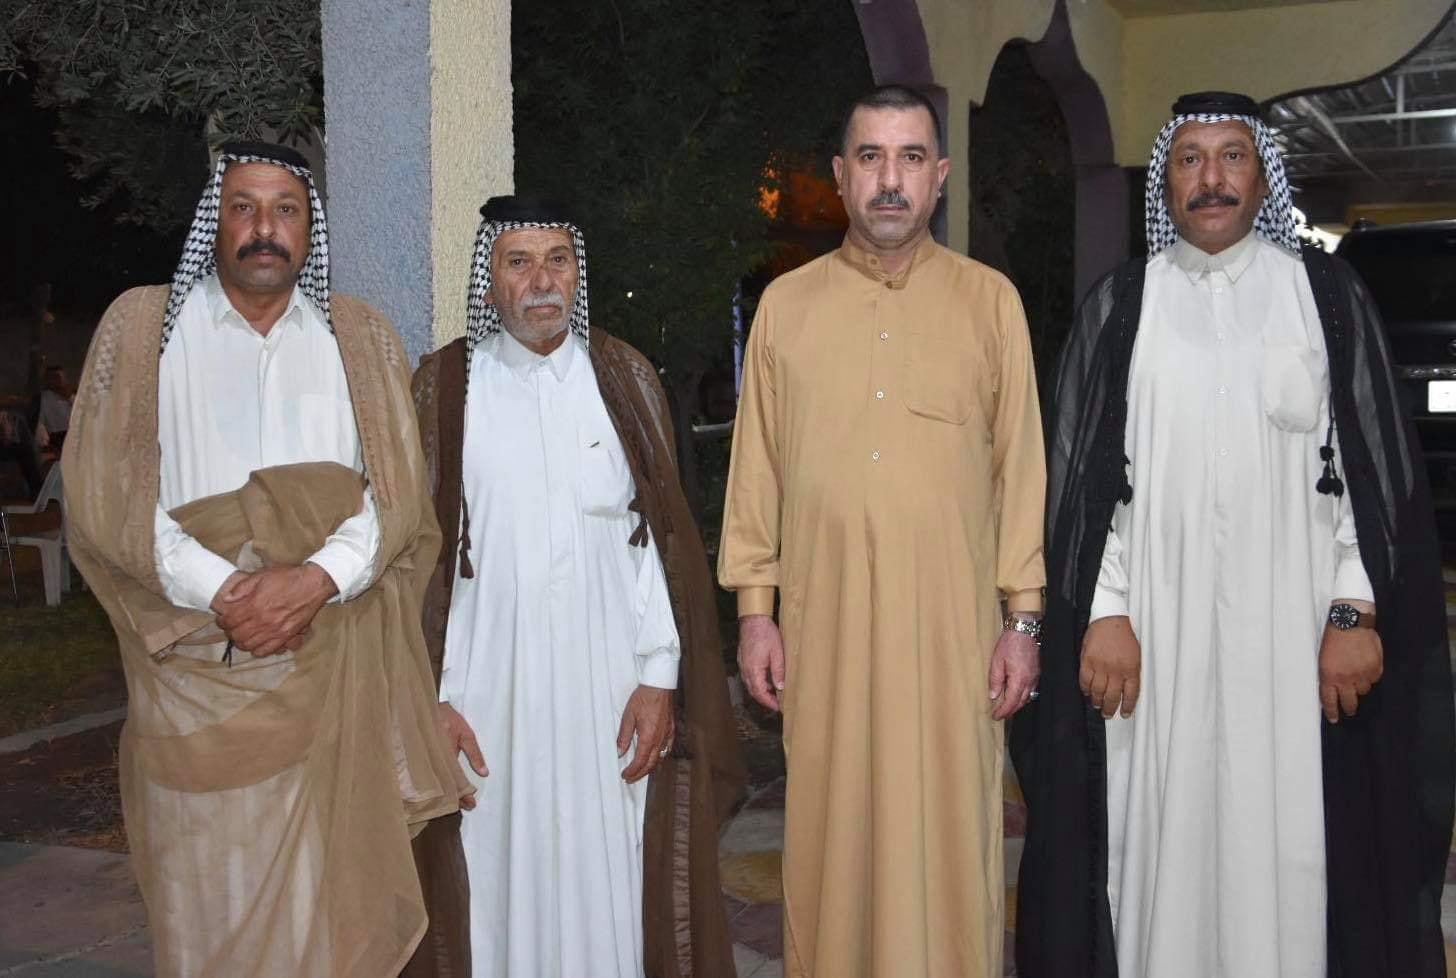 رئيس مجلس المحافظة يستقبل عدد من المواطنين في منزله